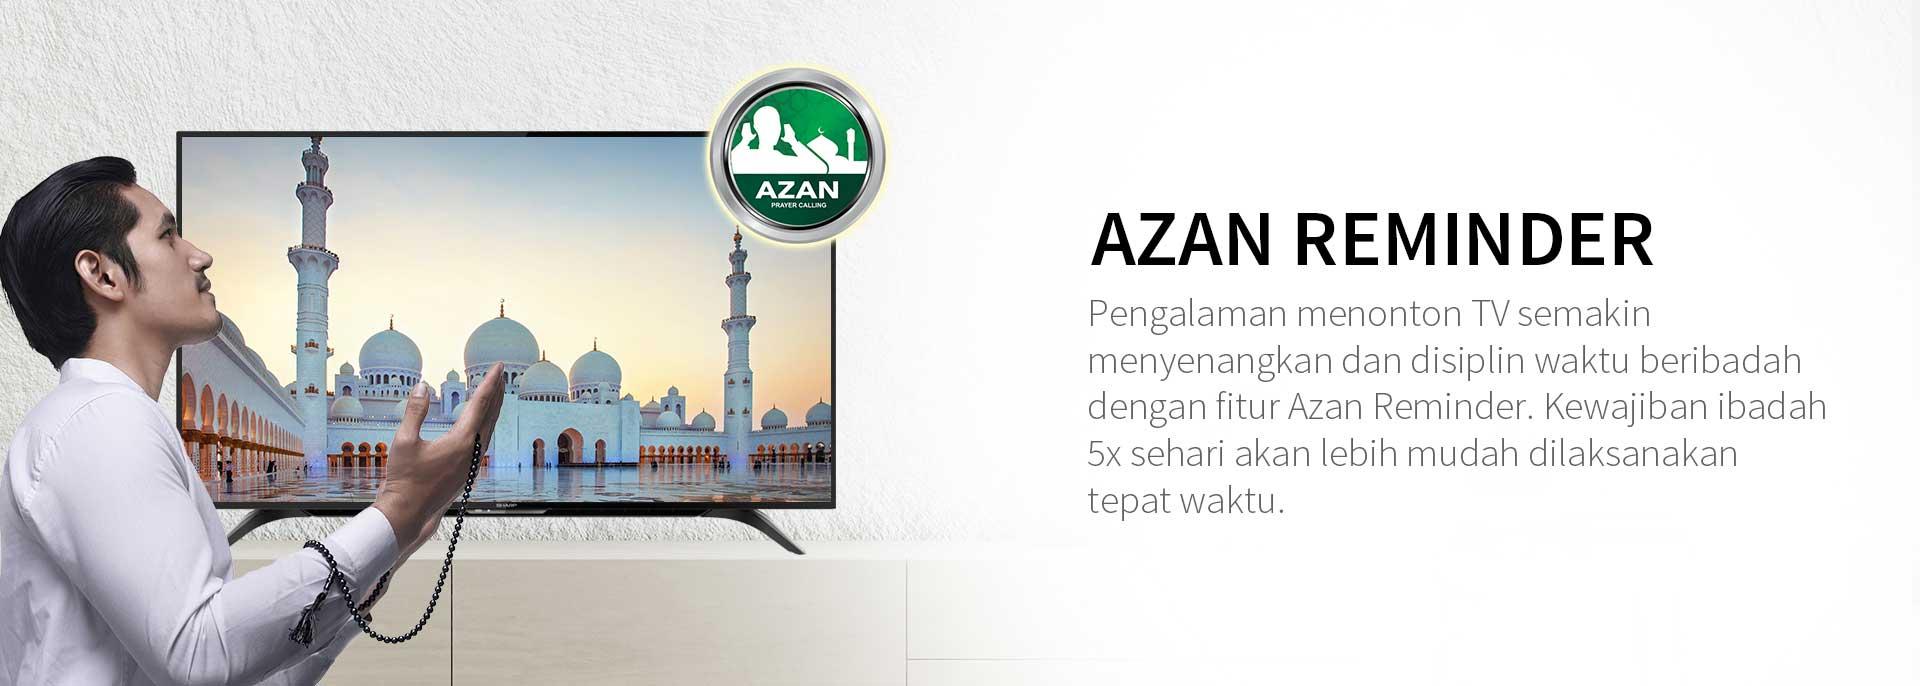 Azan_0.jpg